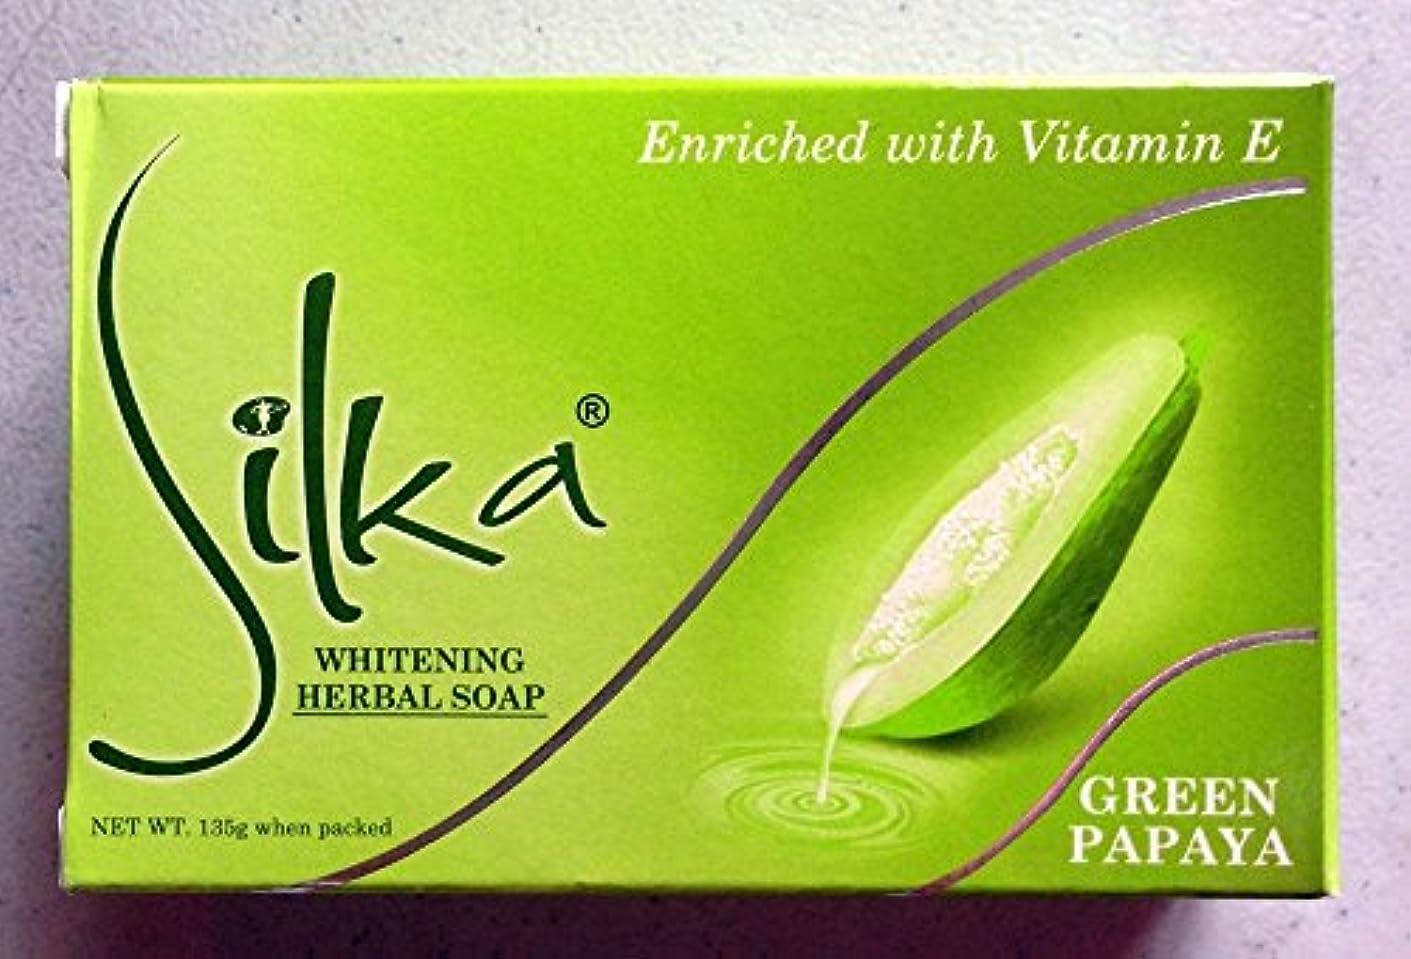 バラエティ機関必要性シルカ グリーン パパイヤソープ 135g Silka green papaya soap